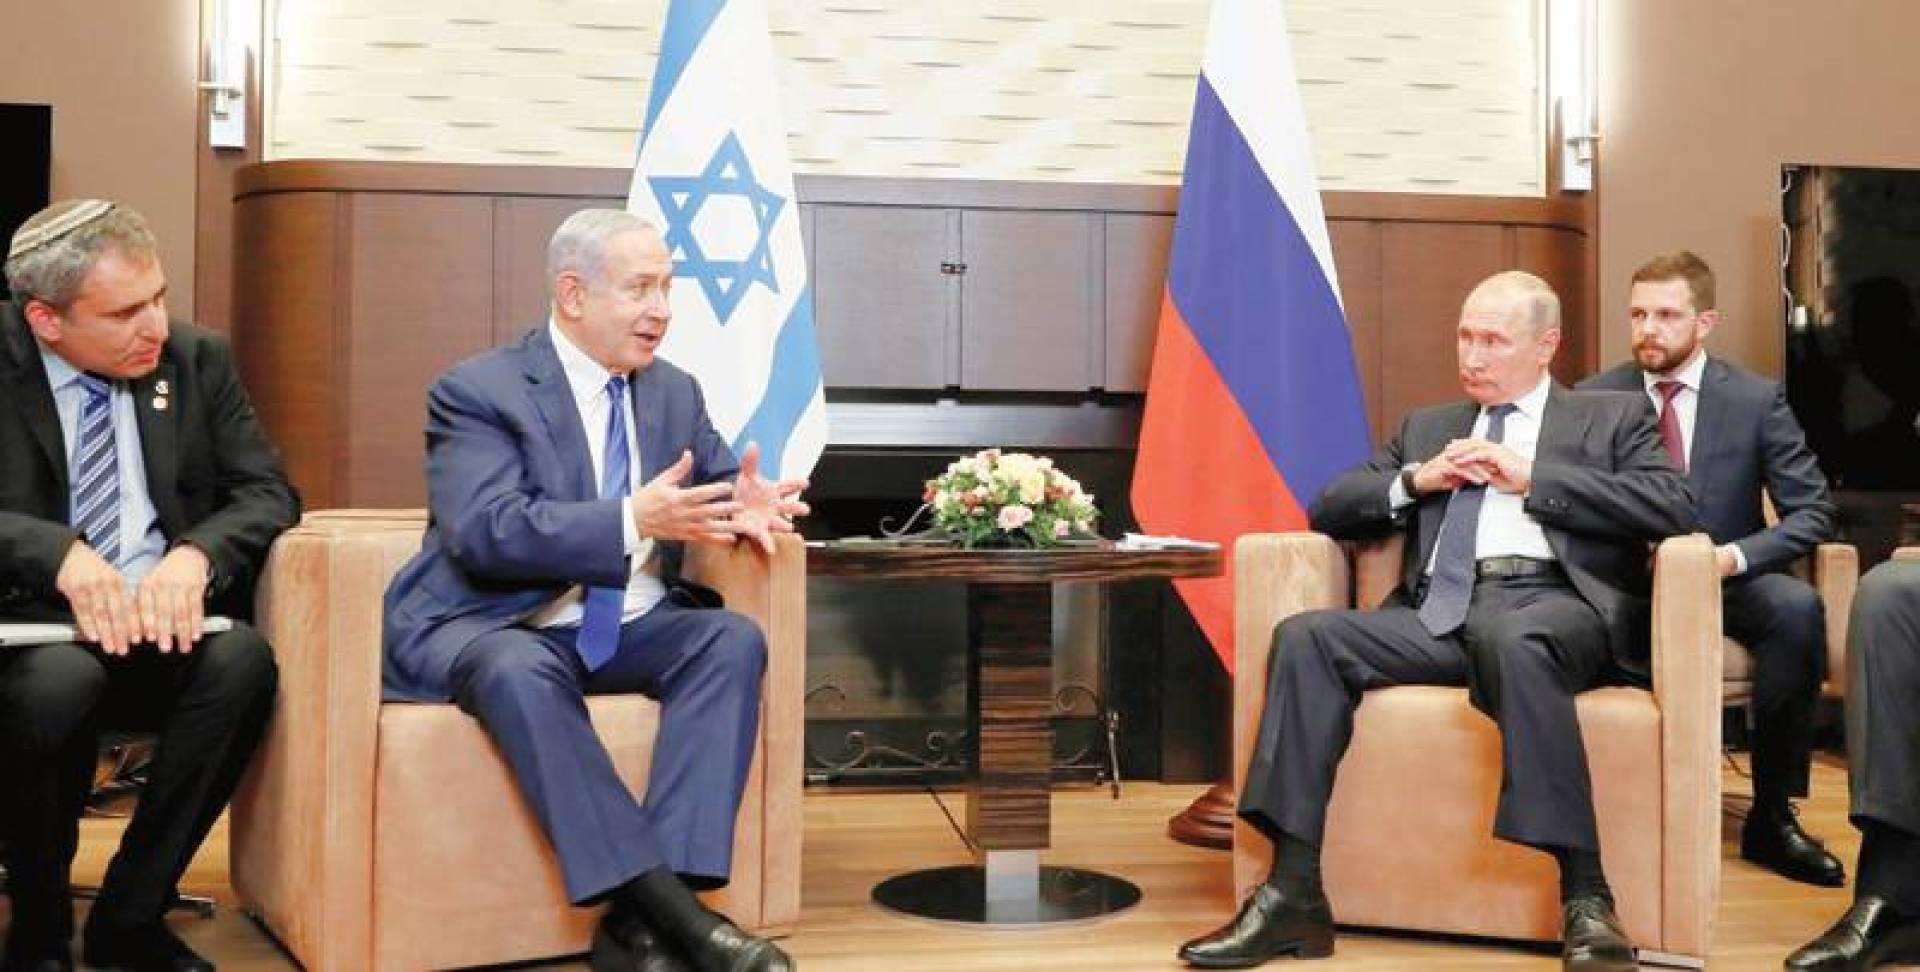 بوتين يستمع بفتور لنتانياهو خلال استقباله في منتجع سوتشي الخميس الماضي   رويترز